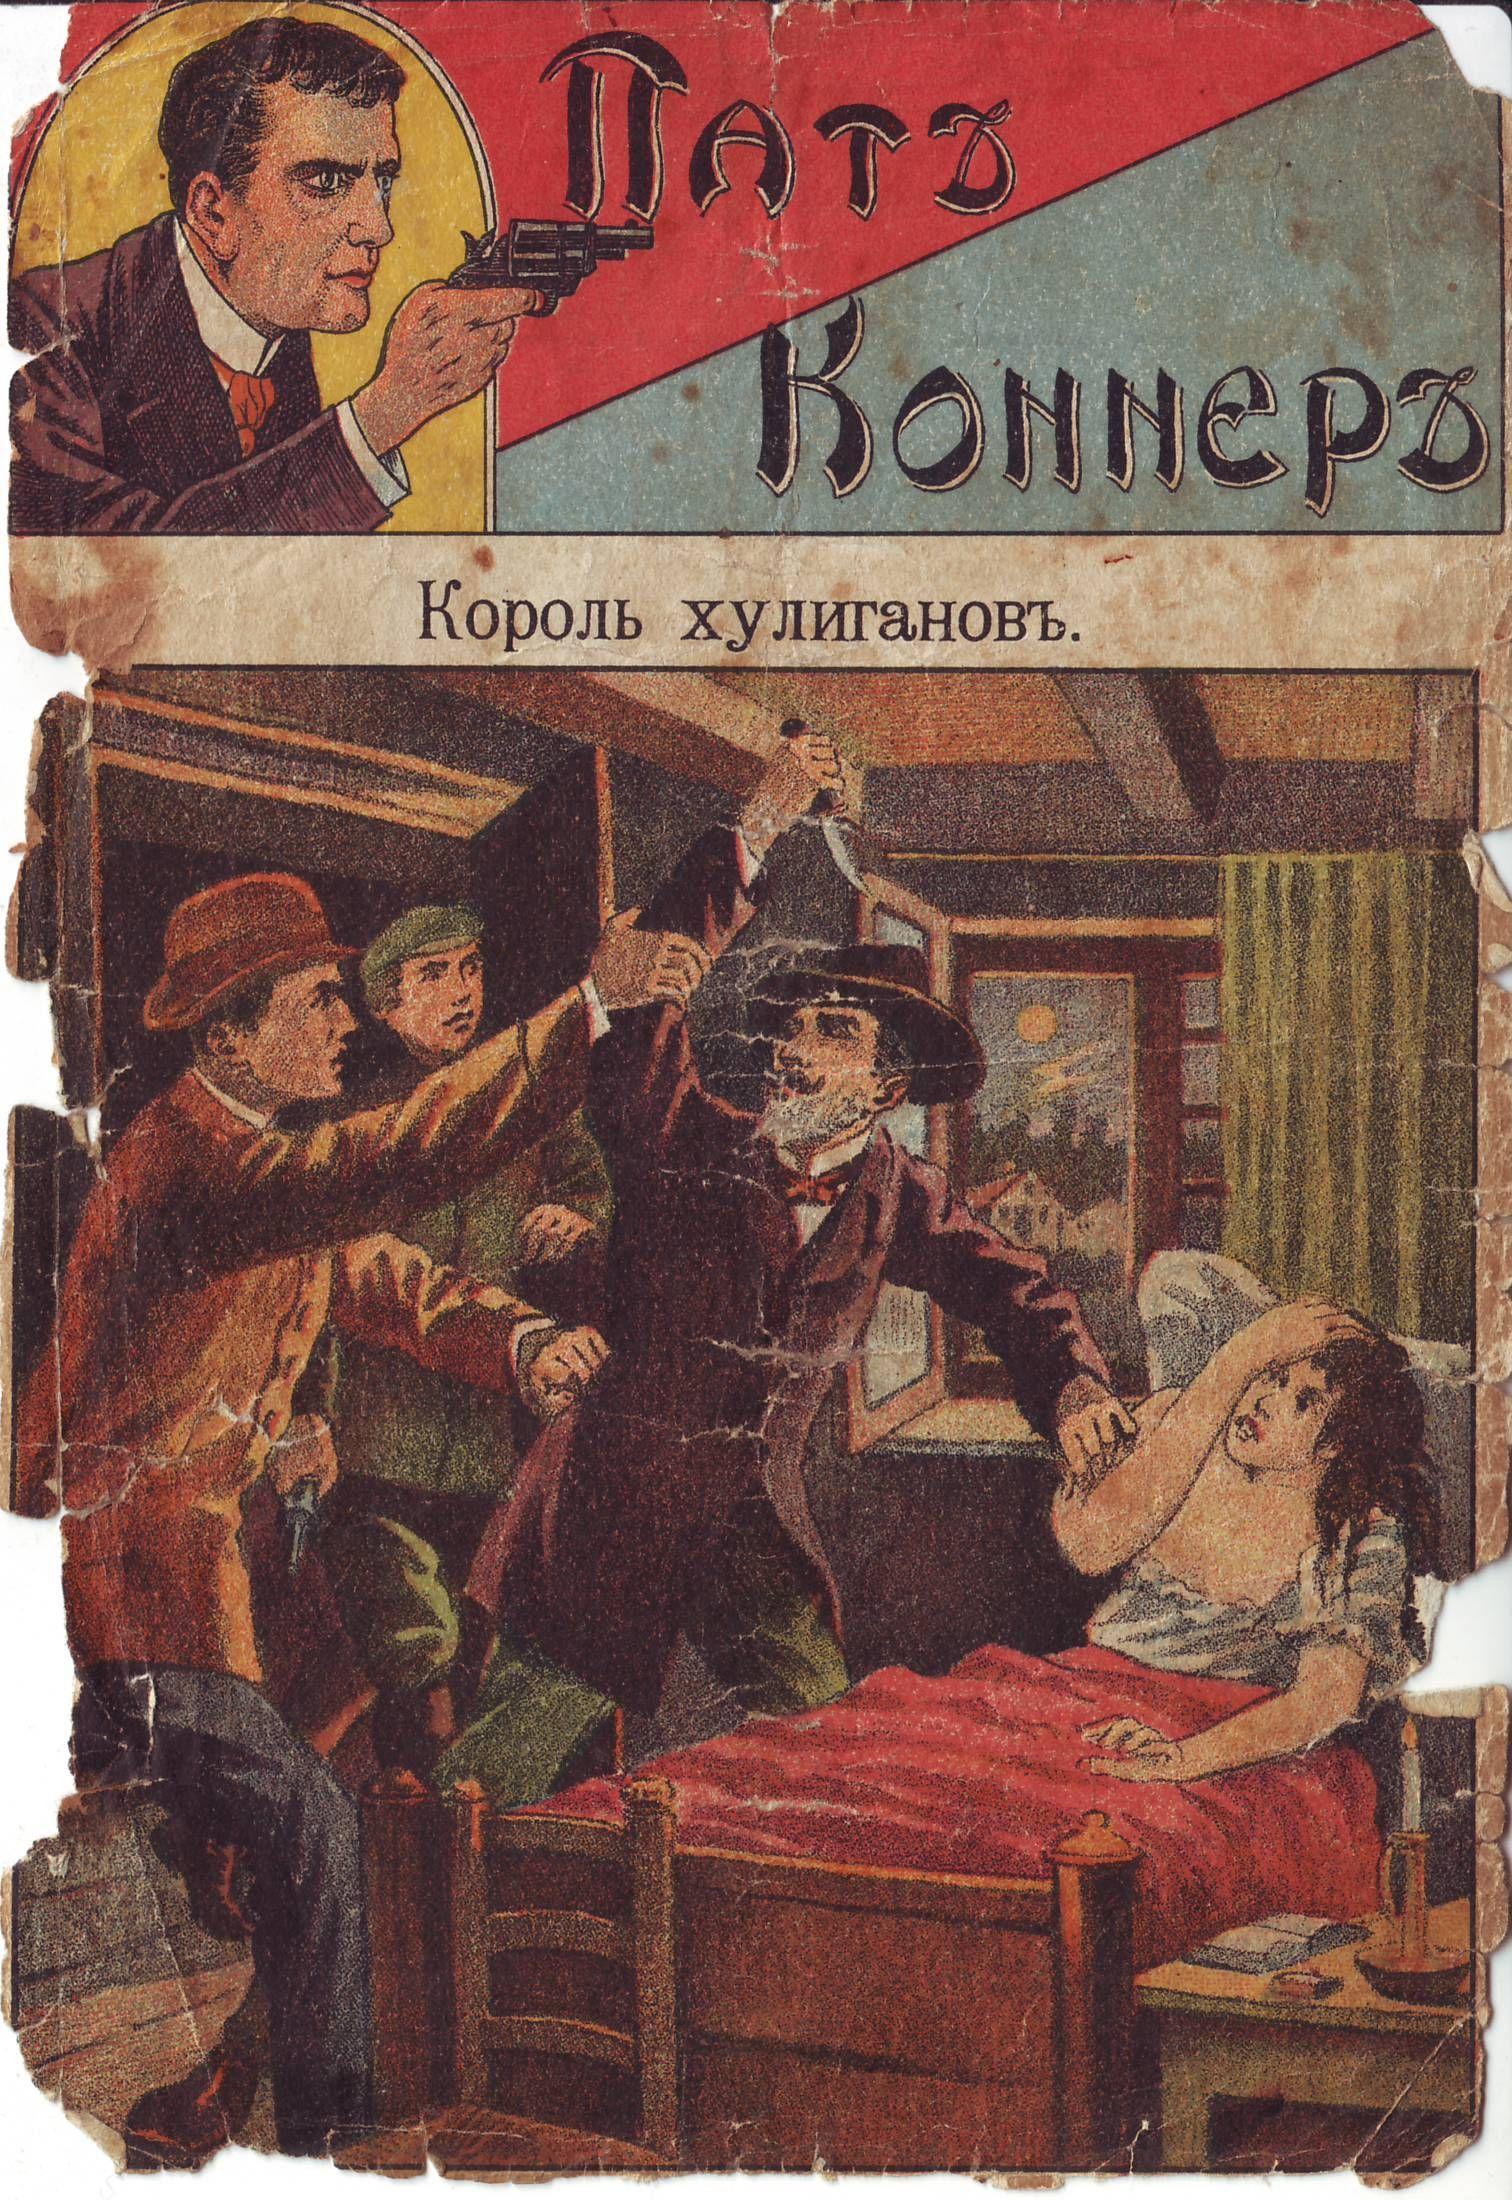 Патъ Коннеръ — Король хулиганов